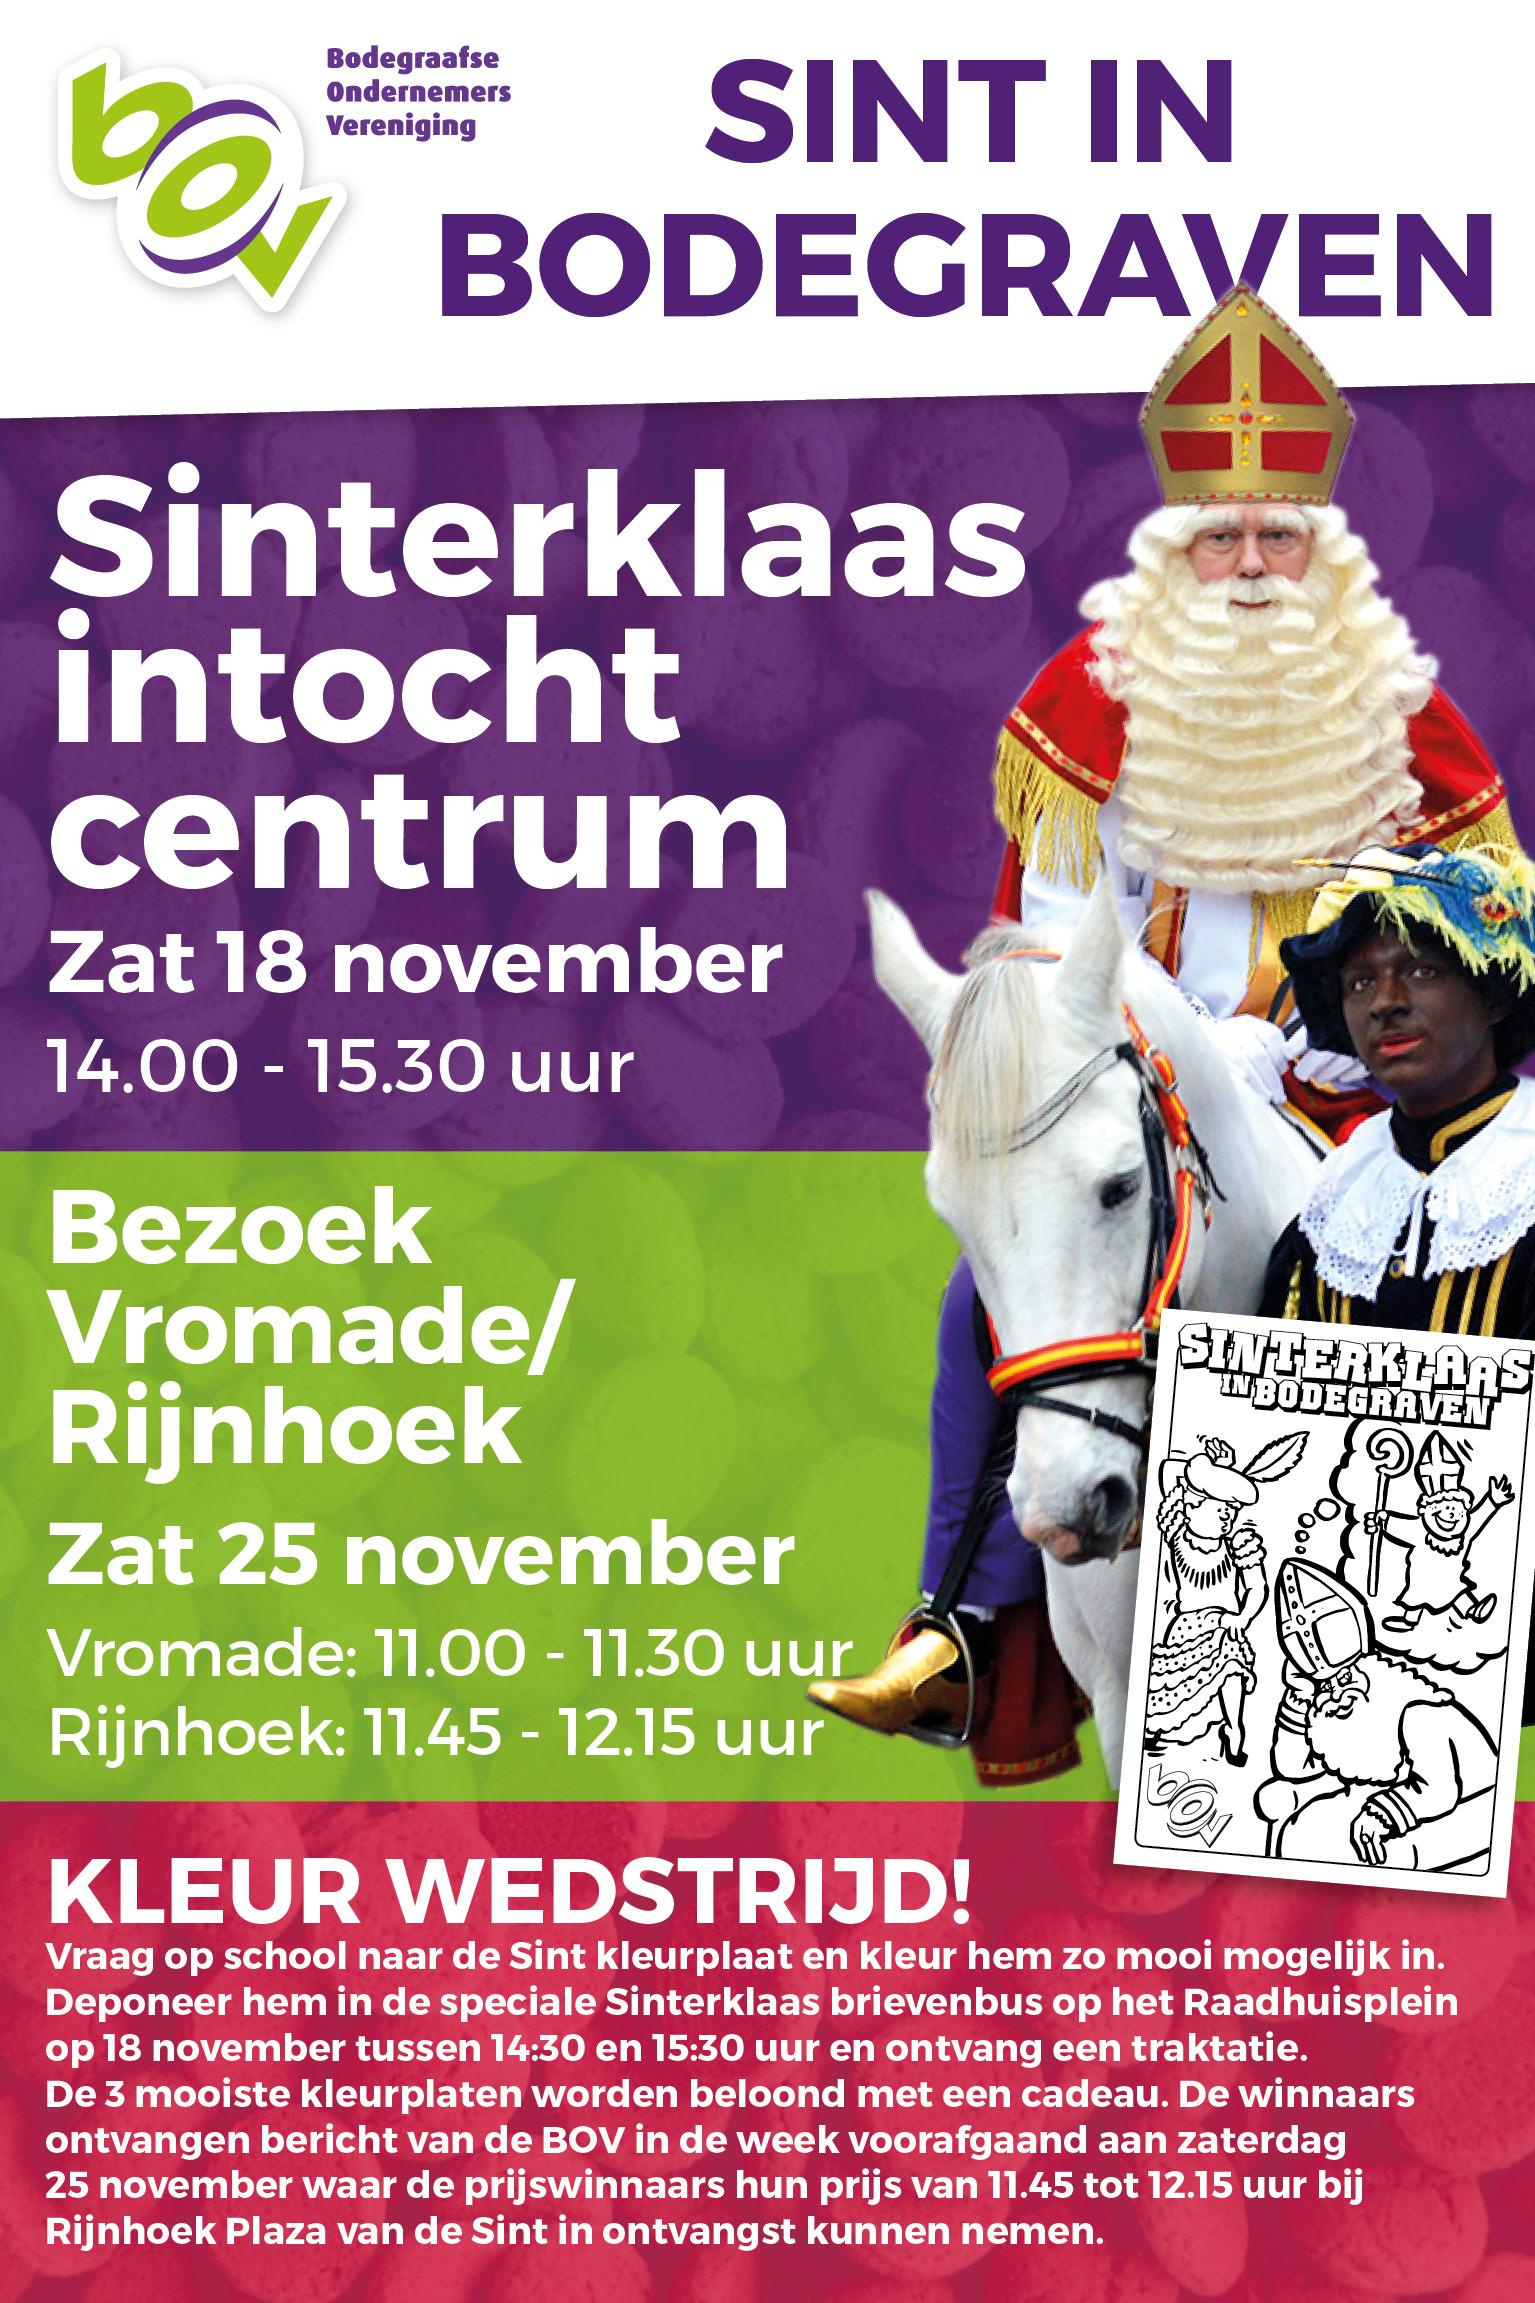 Sinterklaasintocht In Bodegraven Rebonieuws Nl